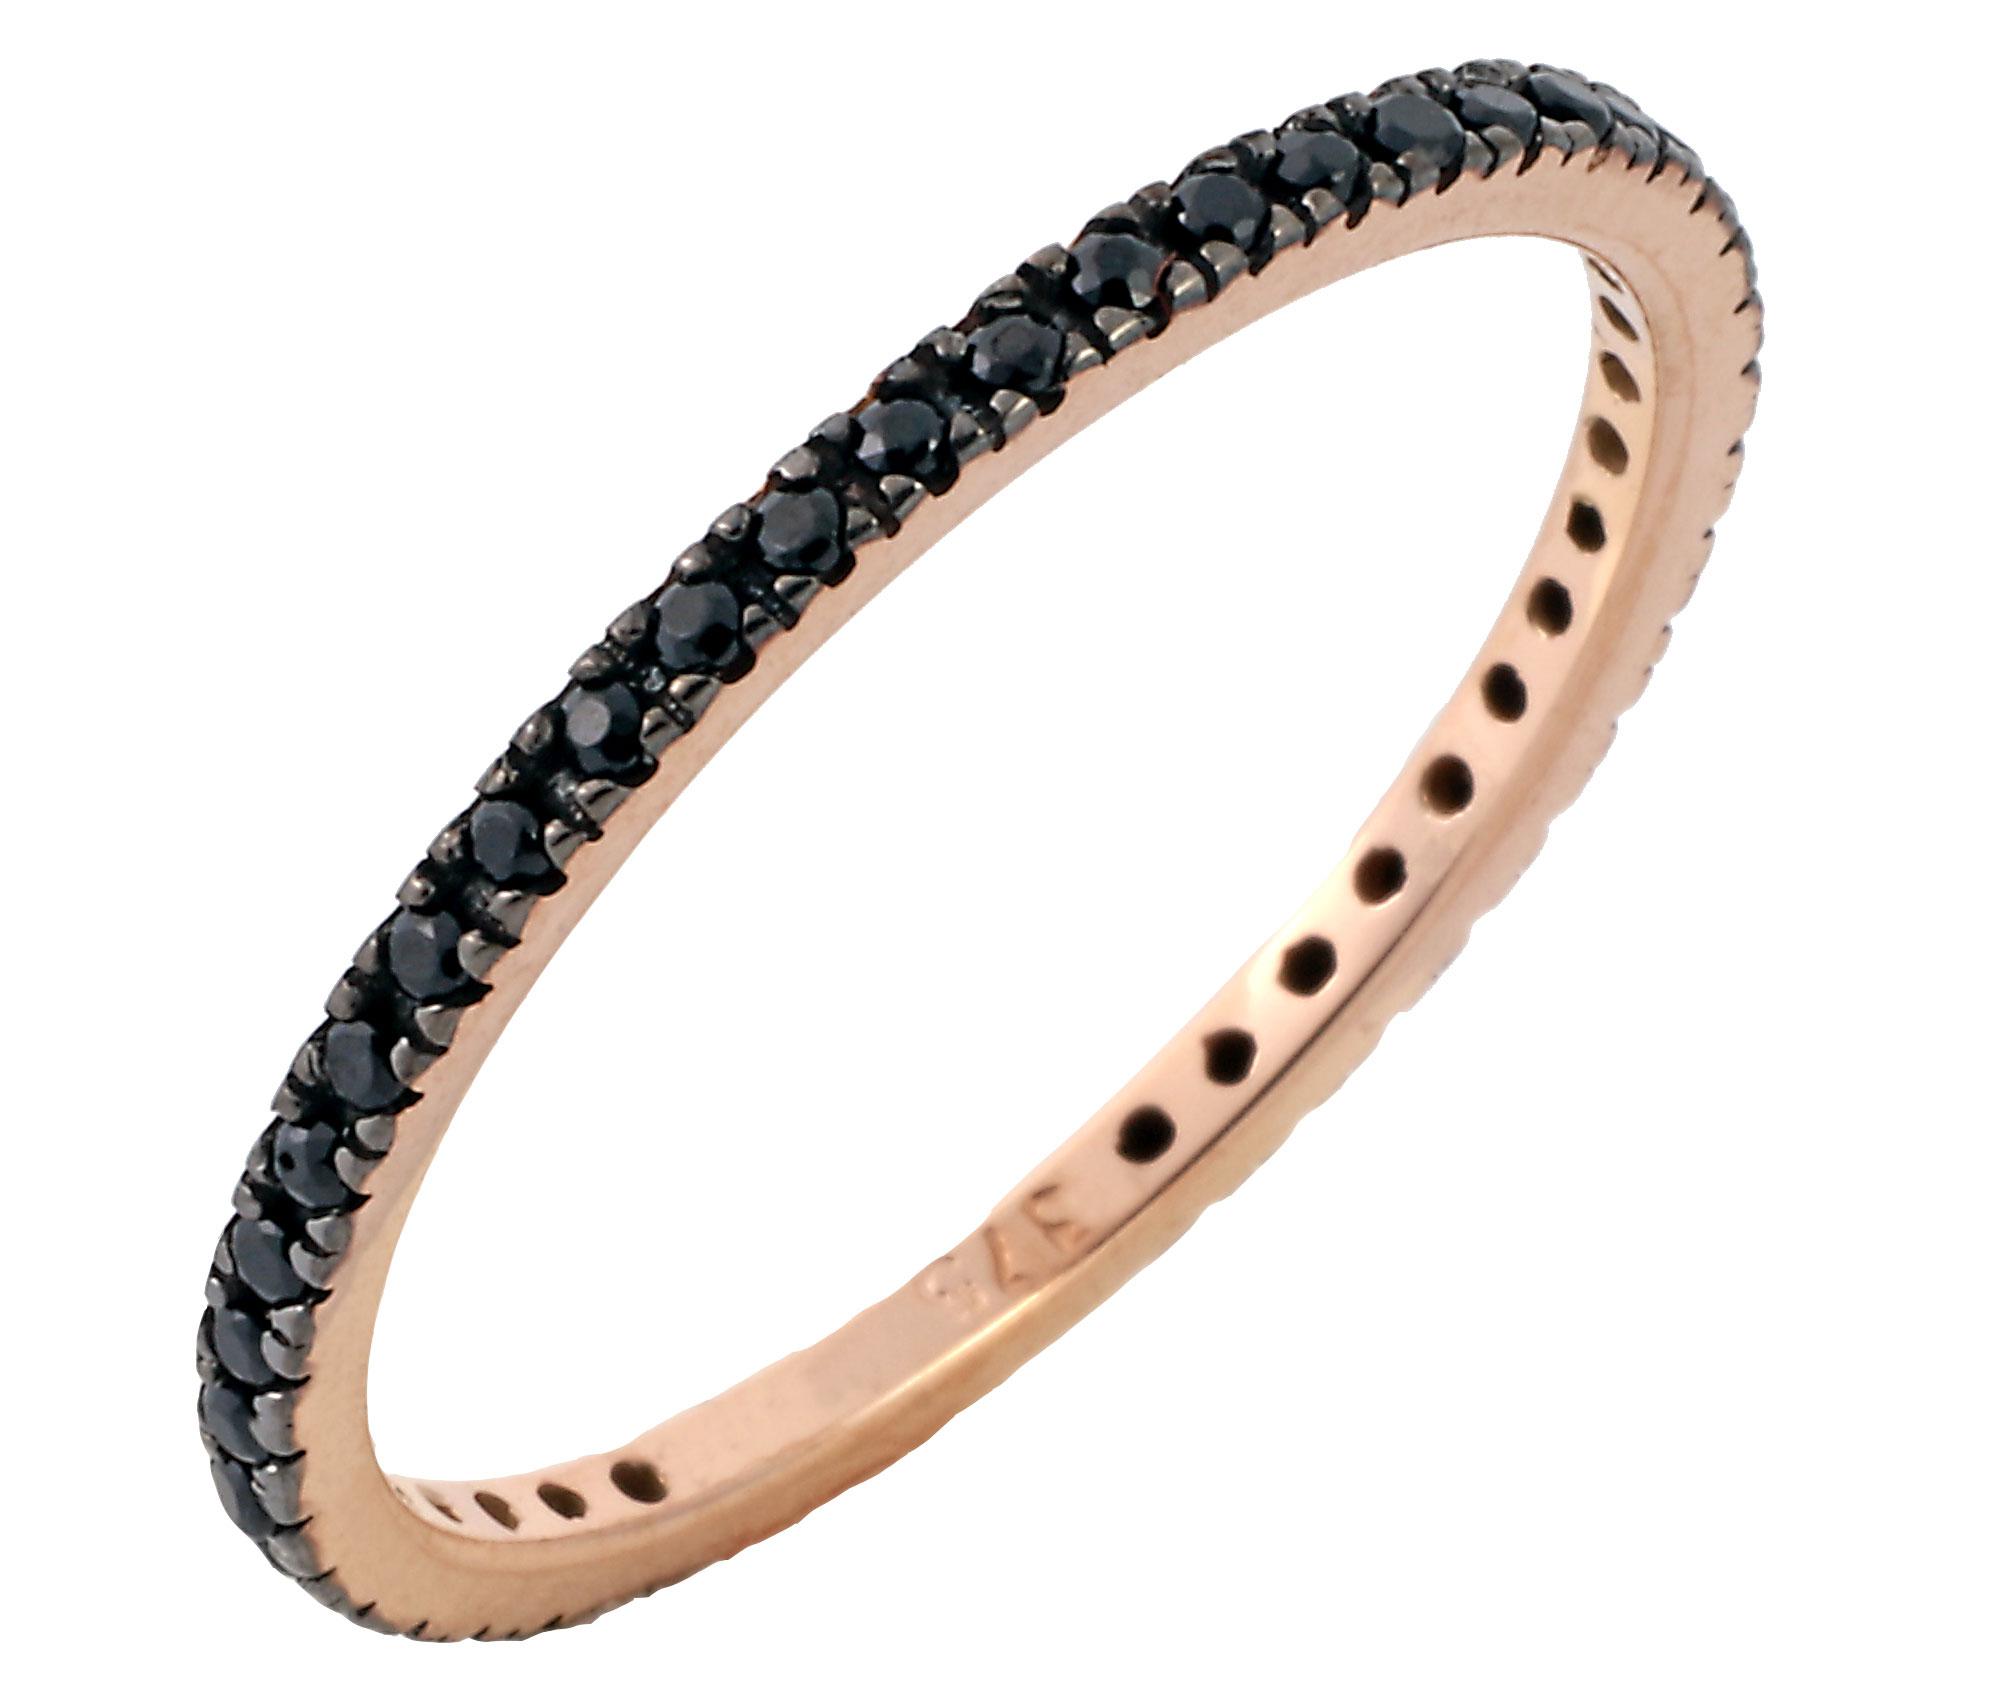 Δαχτυλίδι Ολόβερο με Μαύρα Ζιργκόν Ροζ Χρυσός Κ9 - 16061P